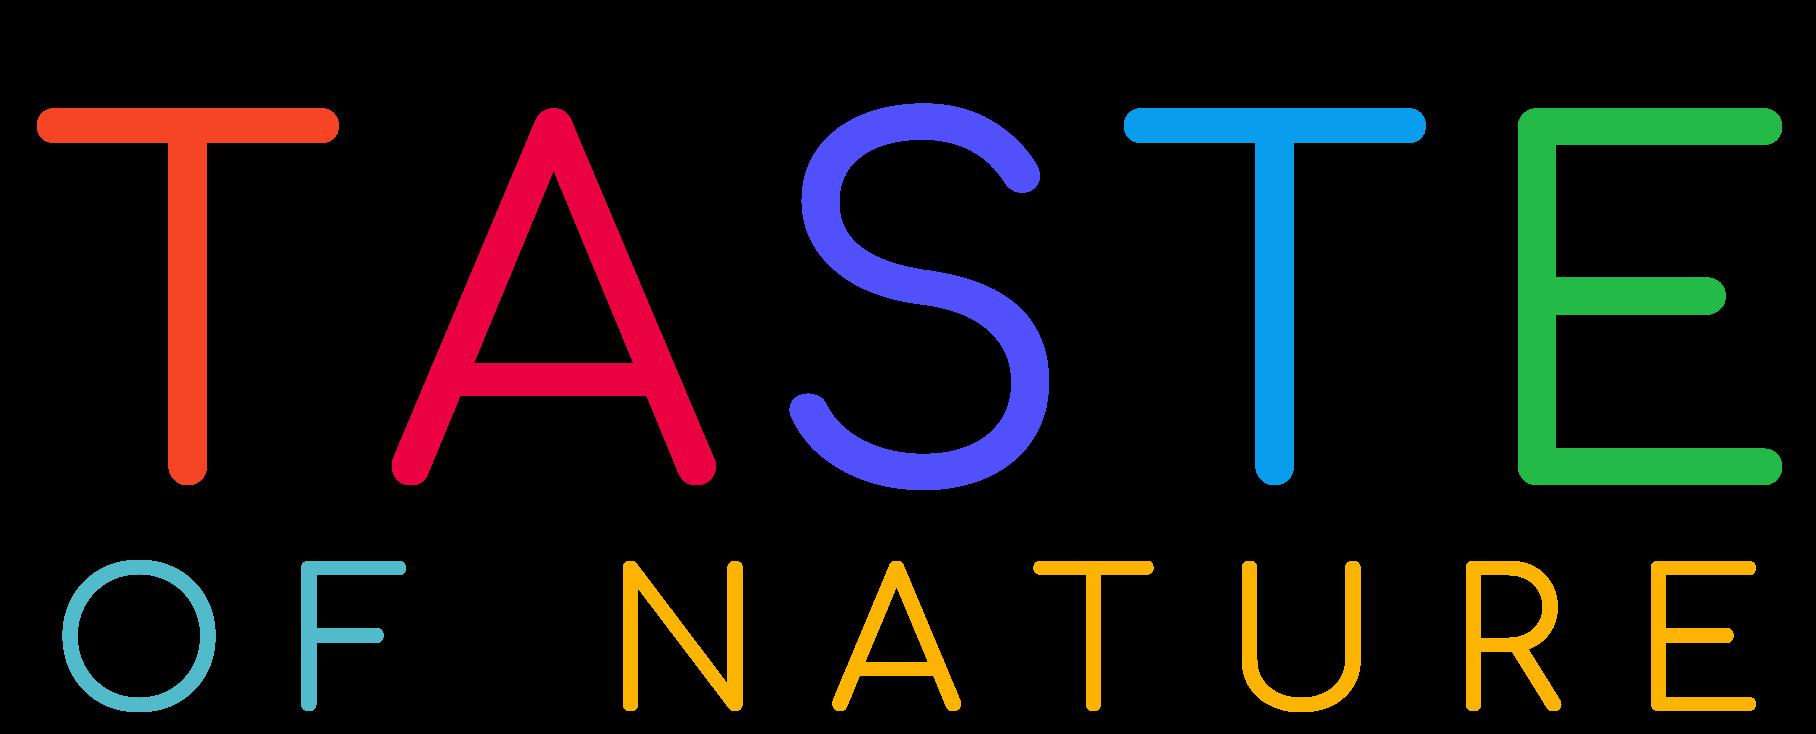 Taste of Nature, Inc